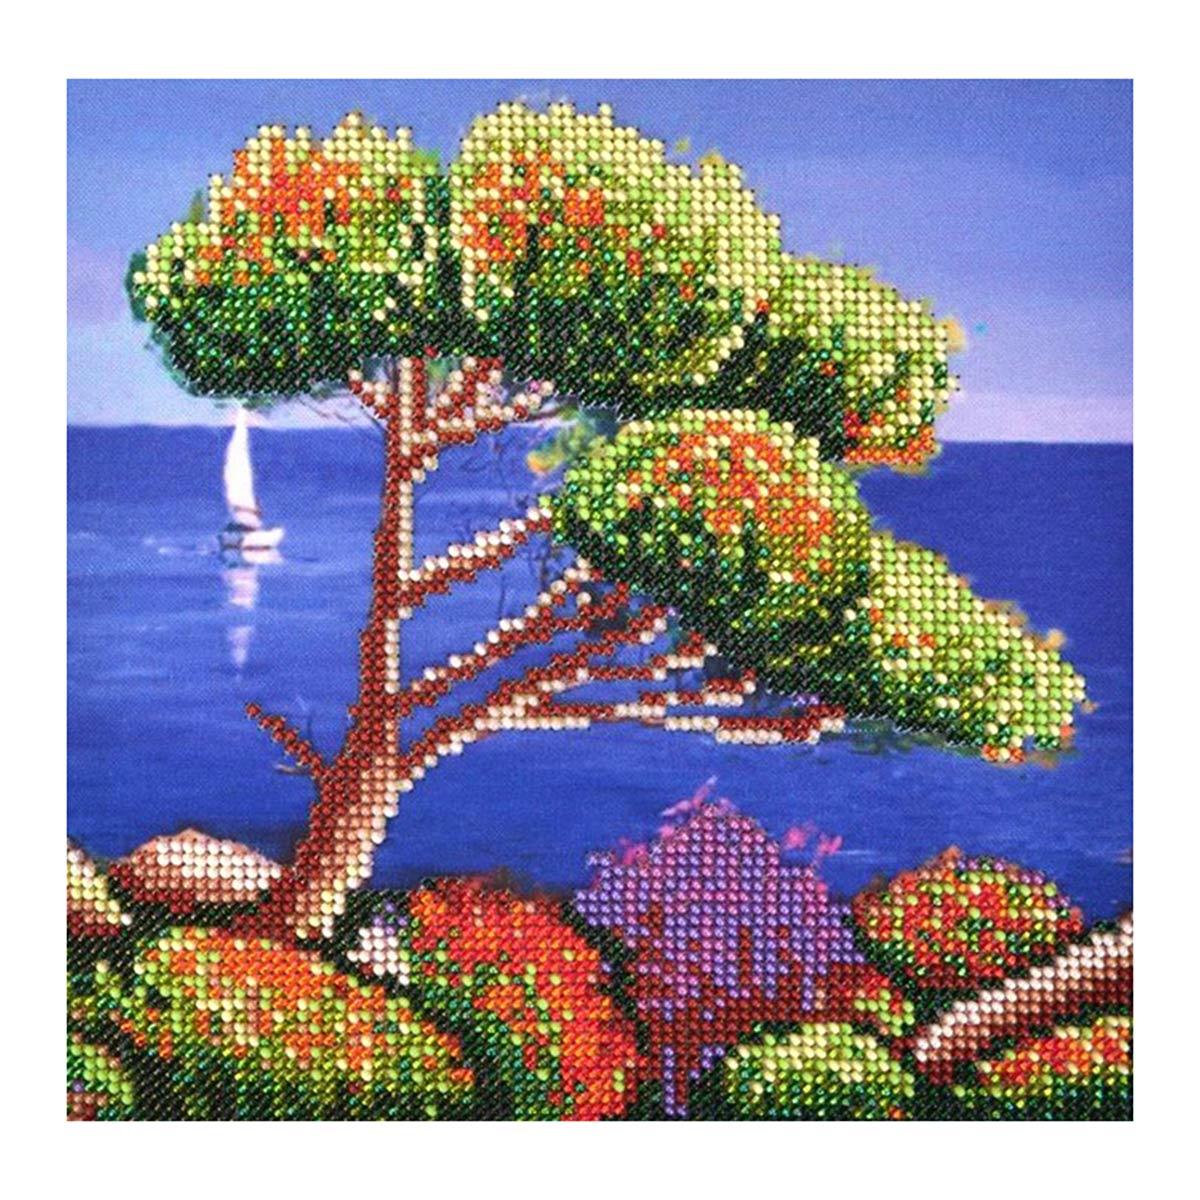 БН-3225 Набор для вышивания бисером Hobby&Pro 'Южный берег' 19,5*19,5